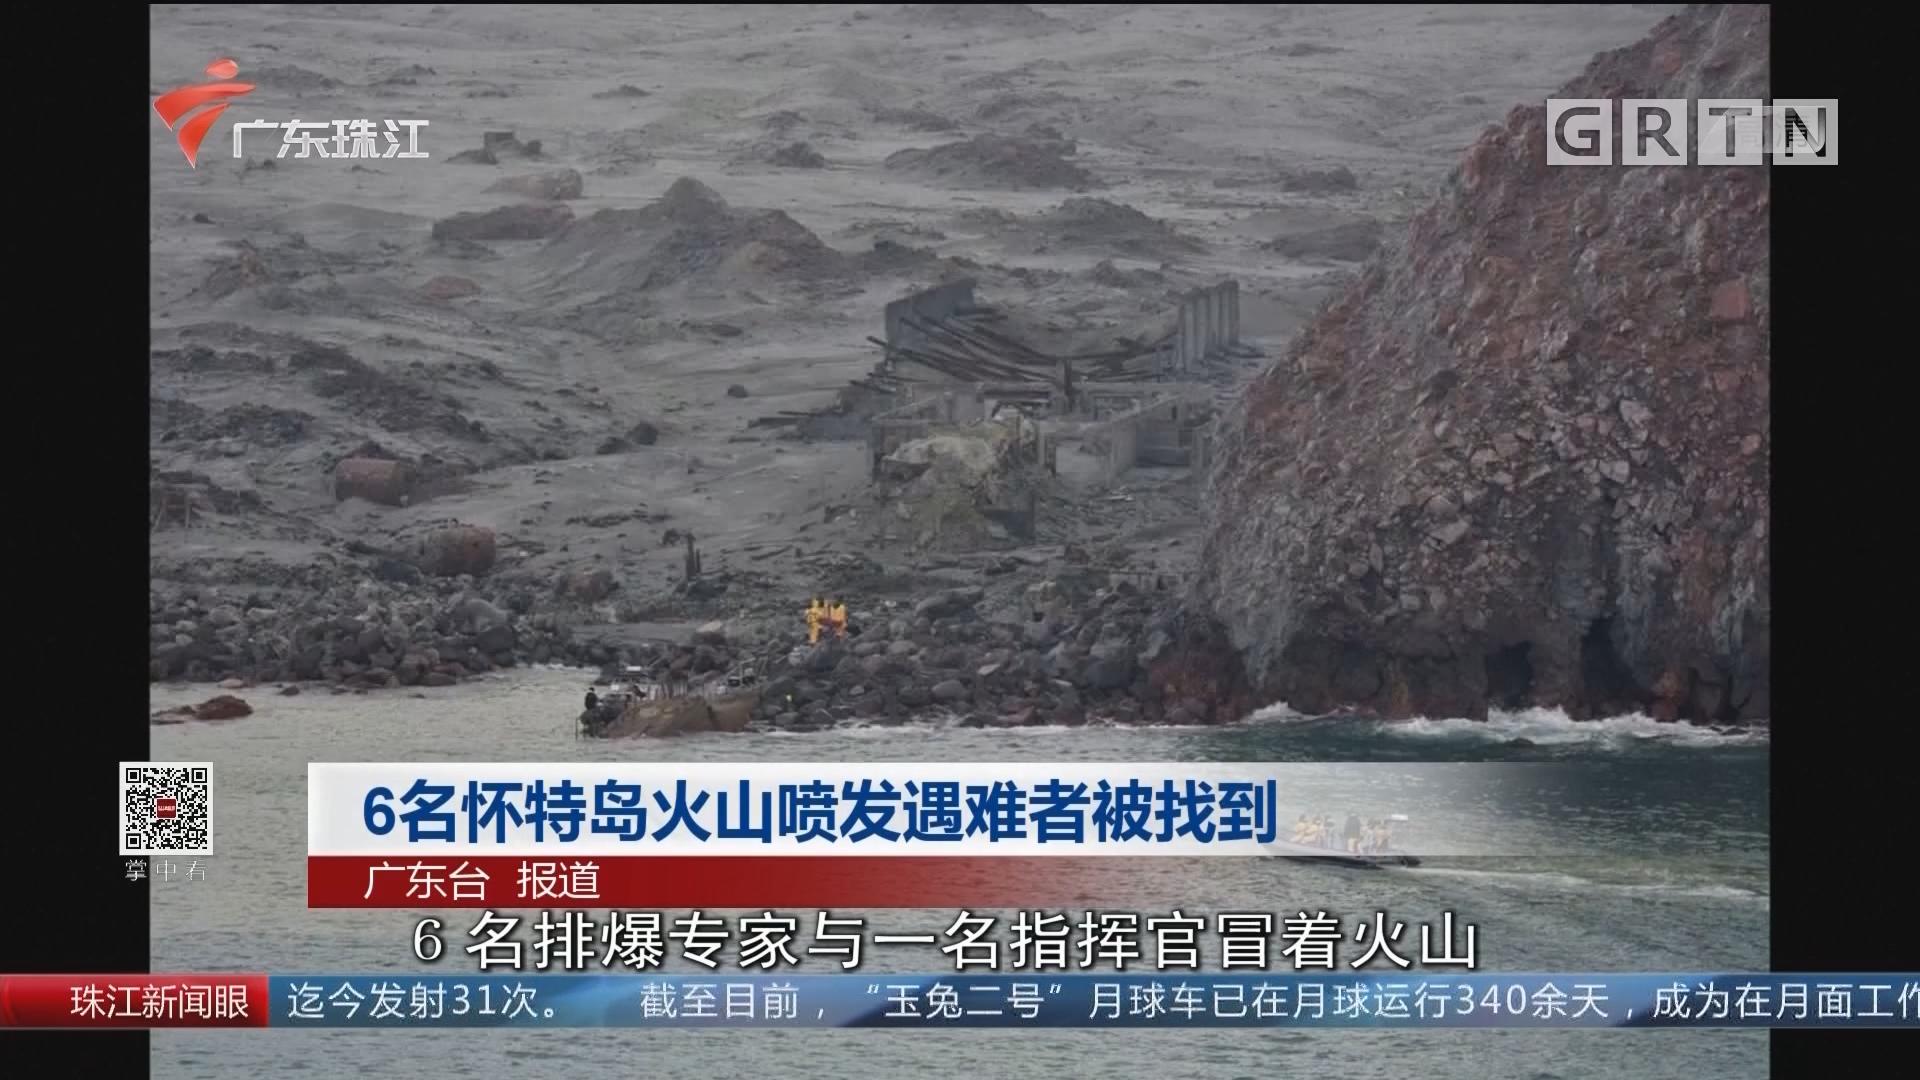 6名怀特岛火山喷发遇难者被找到